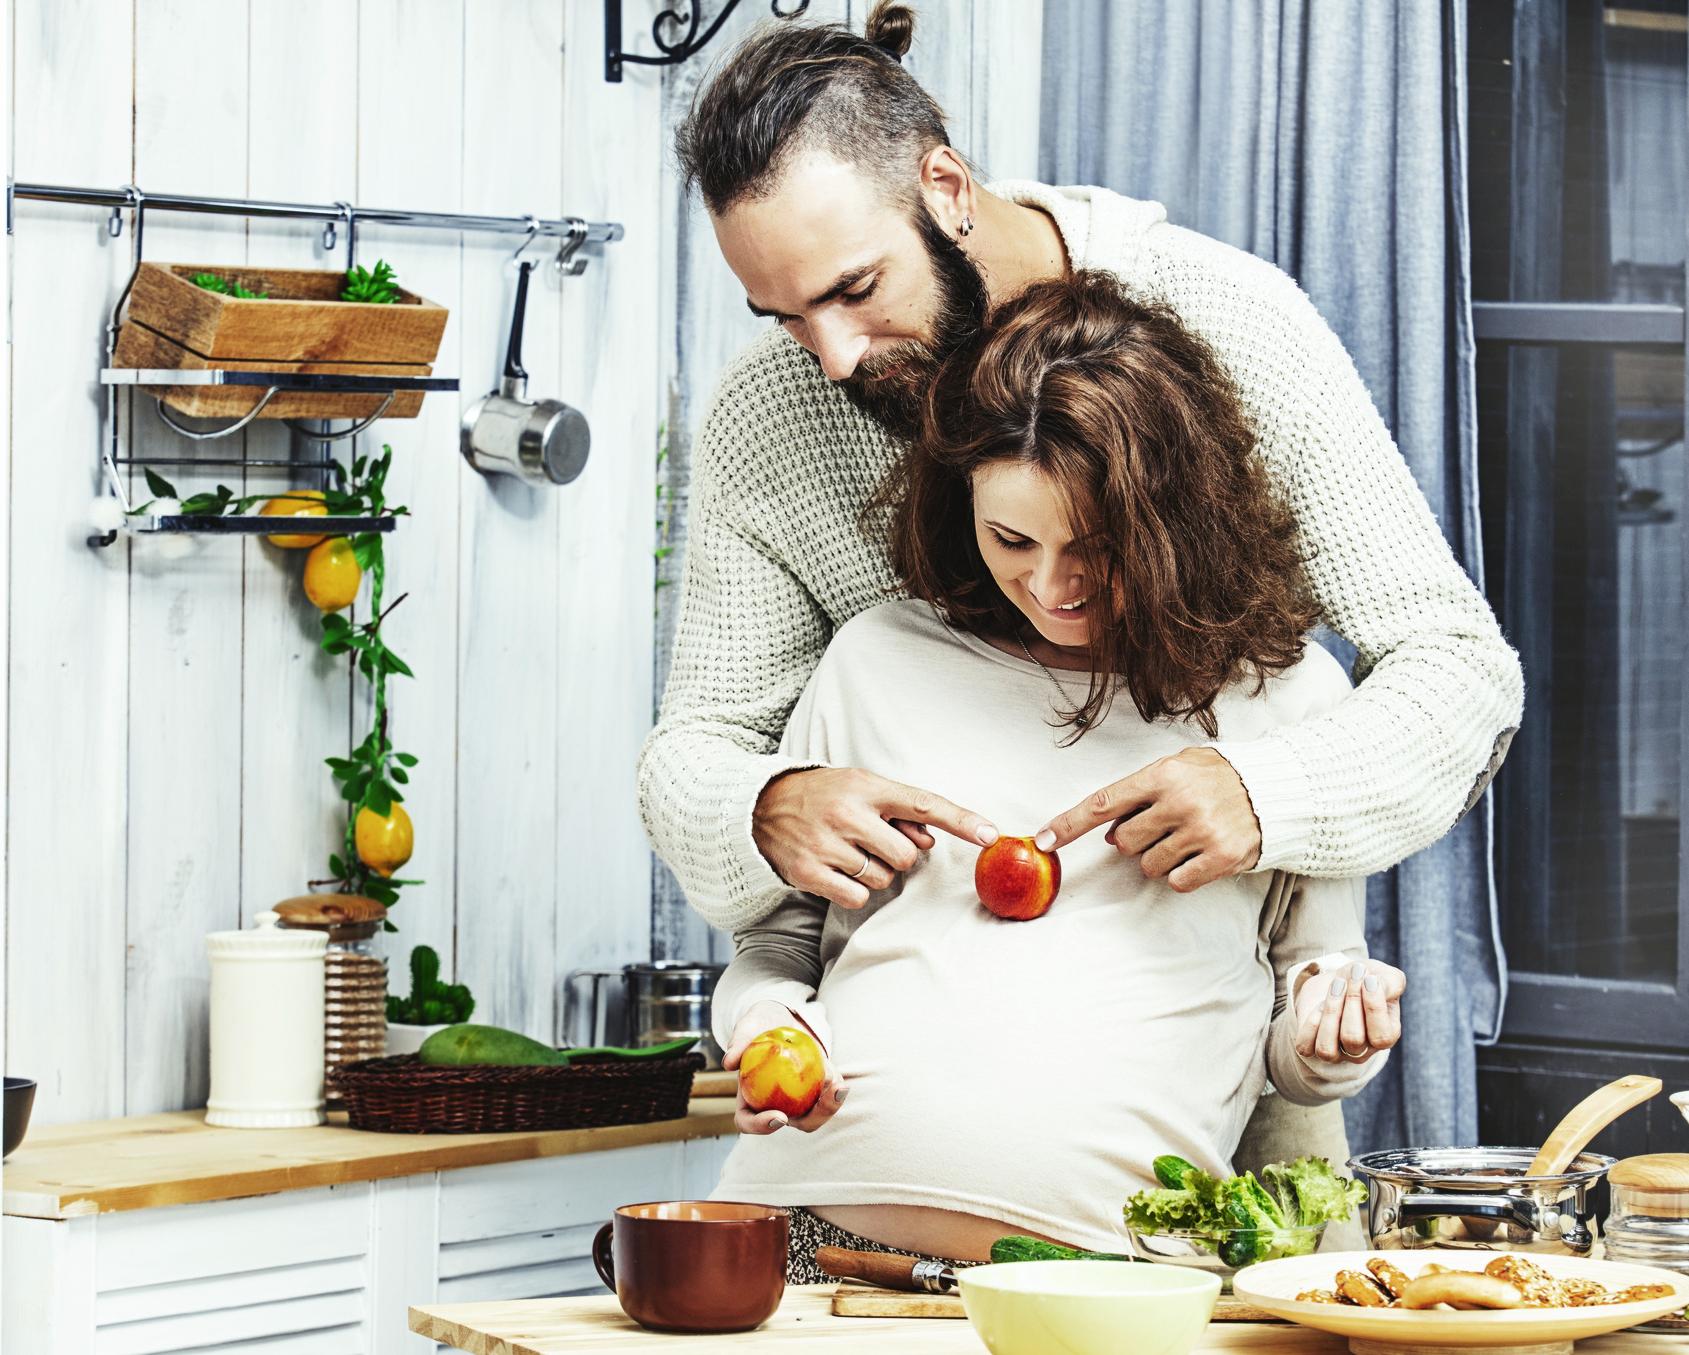 Les 5 erreurs à éviter pendant votre grossesse Les 5 erreurs à éviter pendant votre grossesse